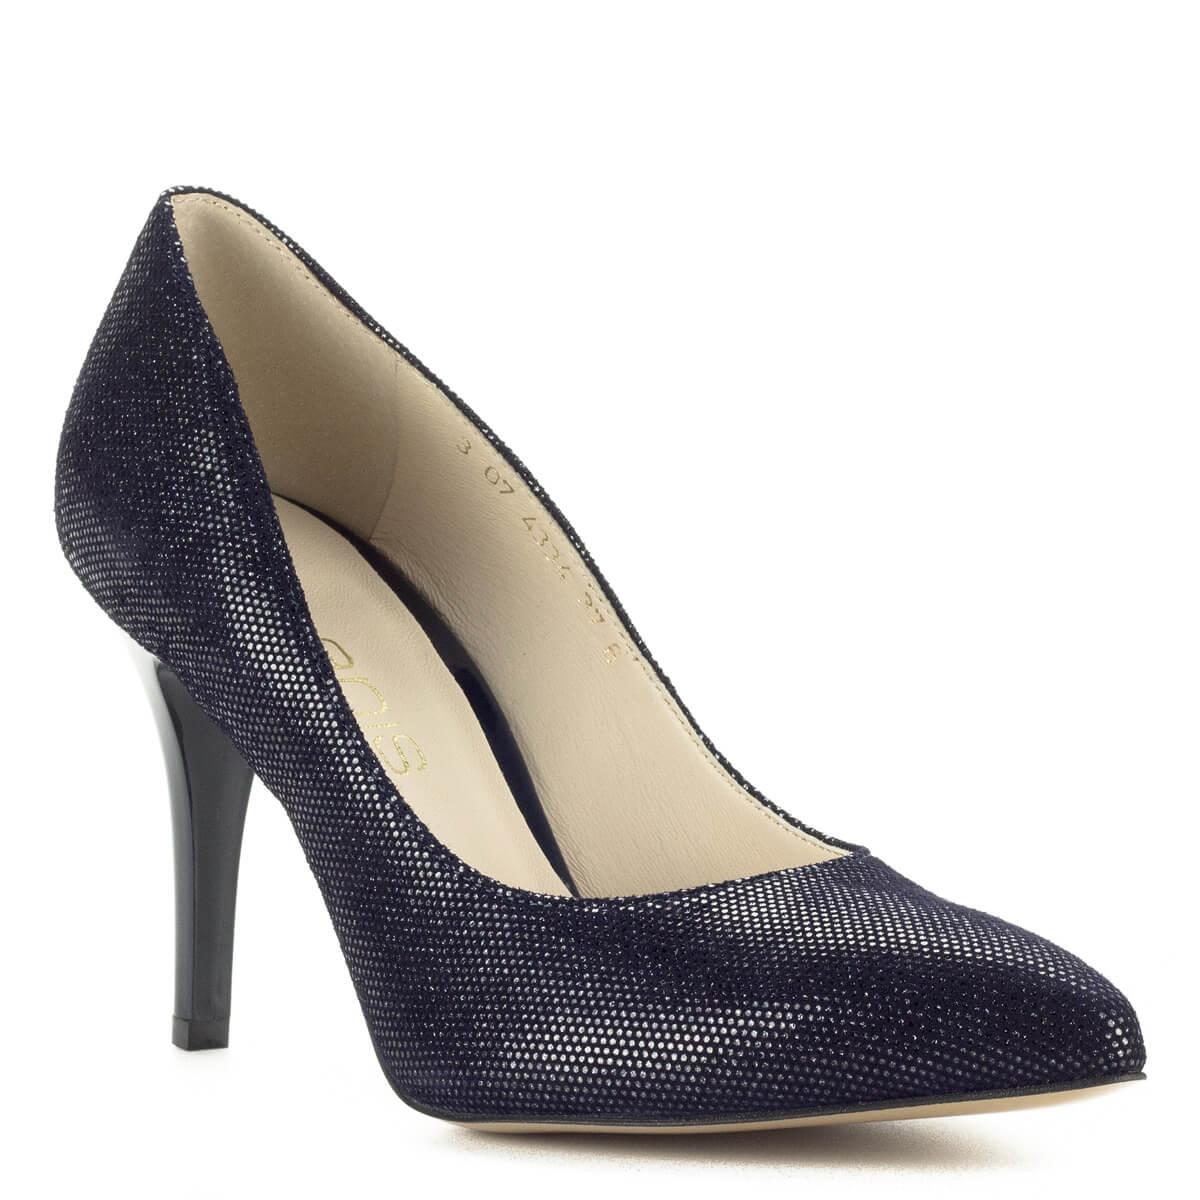 3f77129de0 Bőrét apró ezüst minta; Anis kék-ezüst magassarkú női cipő 9 cm magasságú  sarokkal. Bőrét apró ezüst minta ...